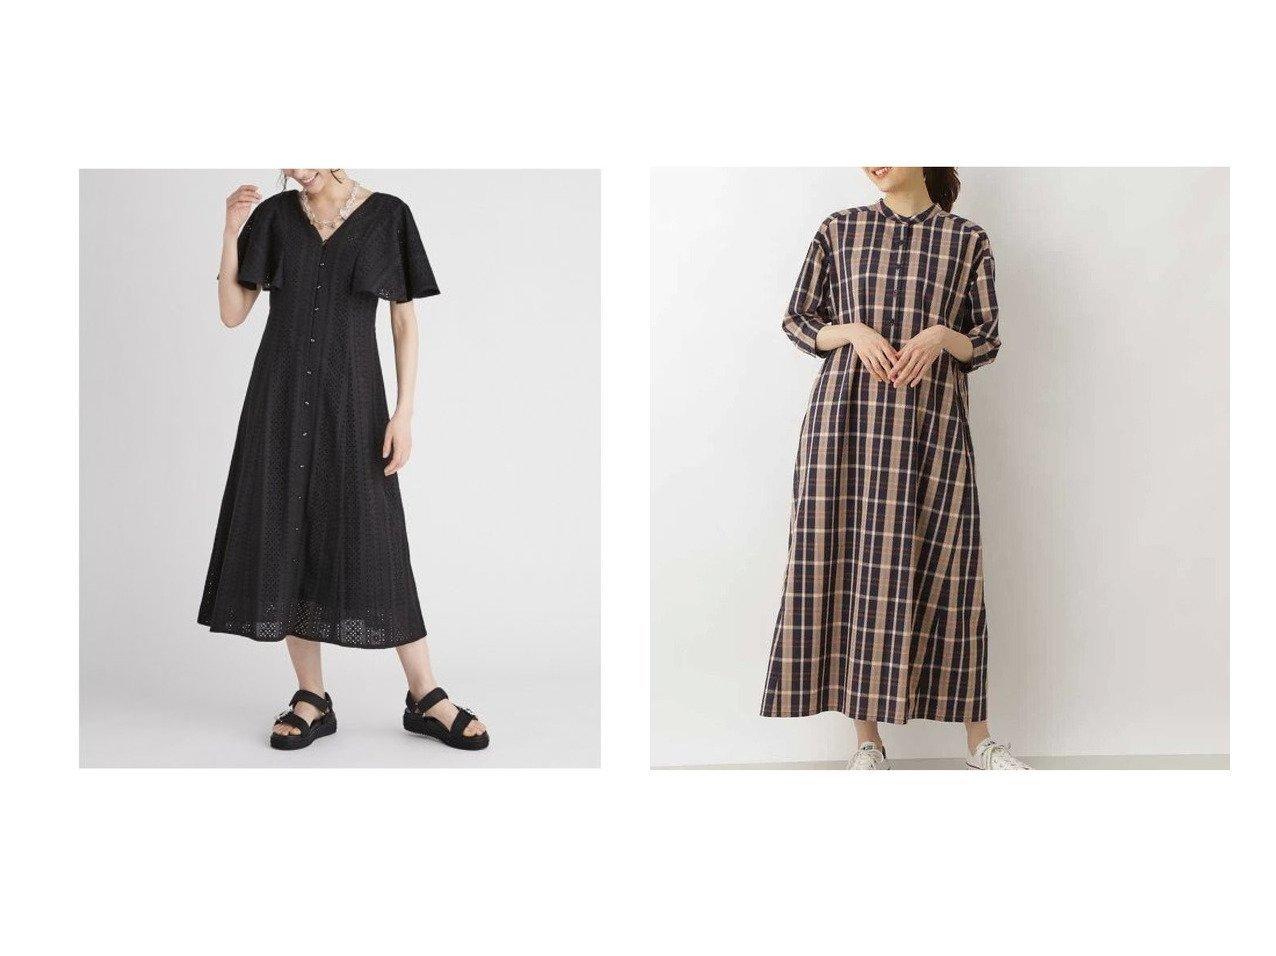 【CELFORD/セルフォード】のフィット&フレアポンチワンピース&【NATURAL BEAUTY BASIC/ナチュラル ビューティー ベーシック】の先染めチェックワンピース 【ワンピース・ドレス】おすすめ!人気、トレンド・レディースファッションの通販 おすすめで人気の流行・トレンド、ファッションの通販商品 インテリア・家具・メンズファッション・キッズファッション・レディースファッション・服の通販 founy(ファニー) https://founy.com/ ファッション Fashion レディースファッション WOMEN ワンピース Dress スマート チェック ポケット ウォッシャブル ストレッチ フィット 切替  ID:crp329100000045251